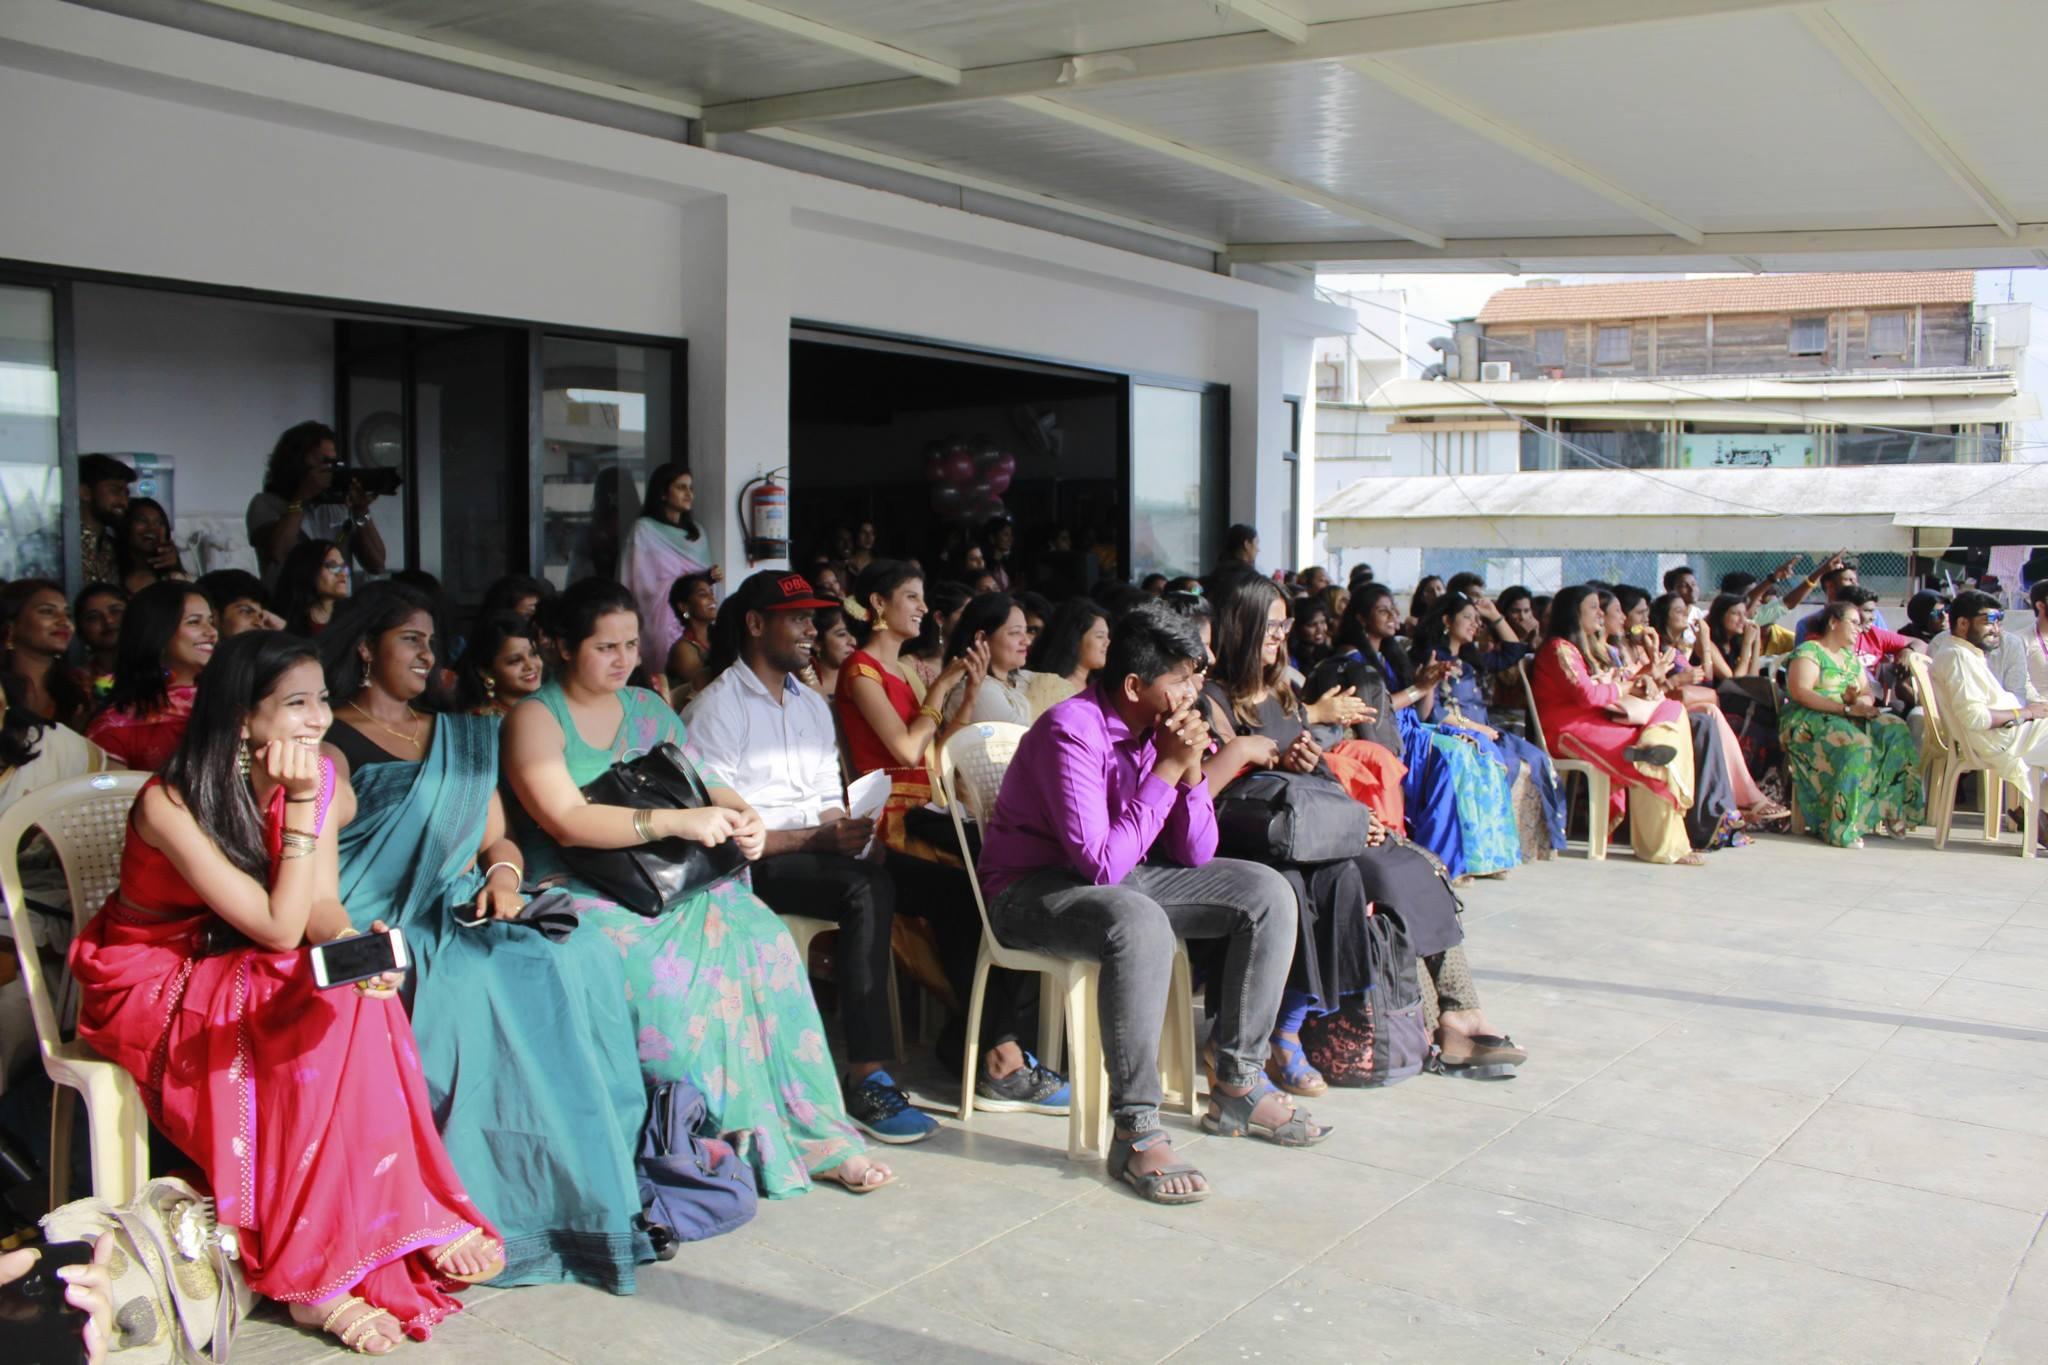 Teacher's Day Celebration at JD Institute teacher's day - teachers day 9 - Teacher's Day Celebration at JD Institute